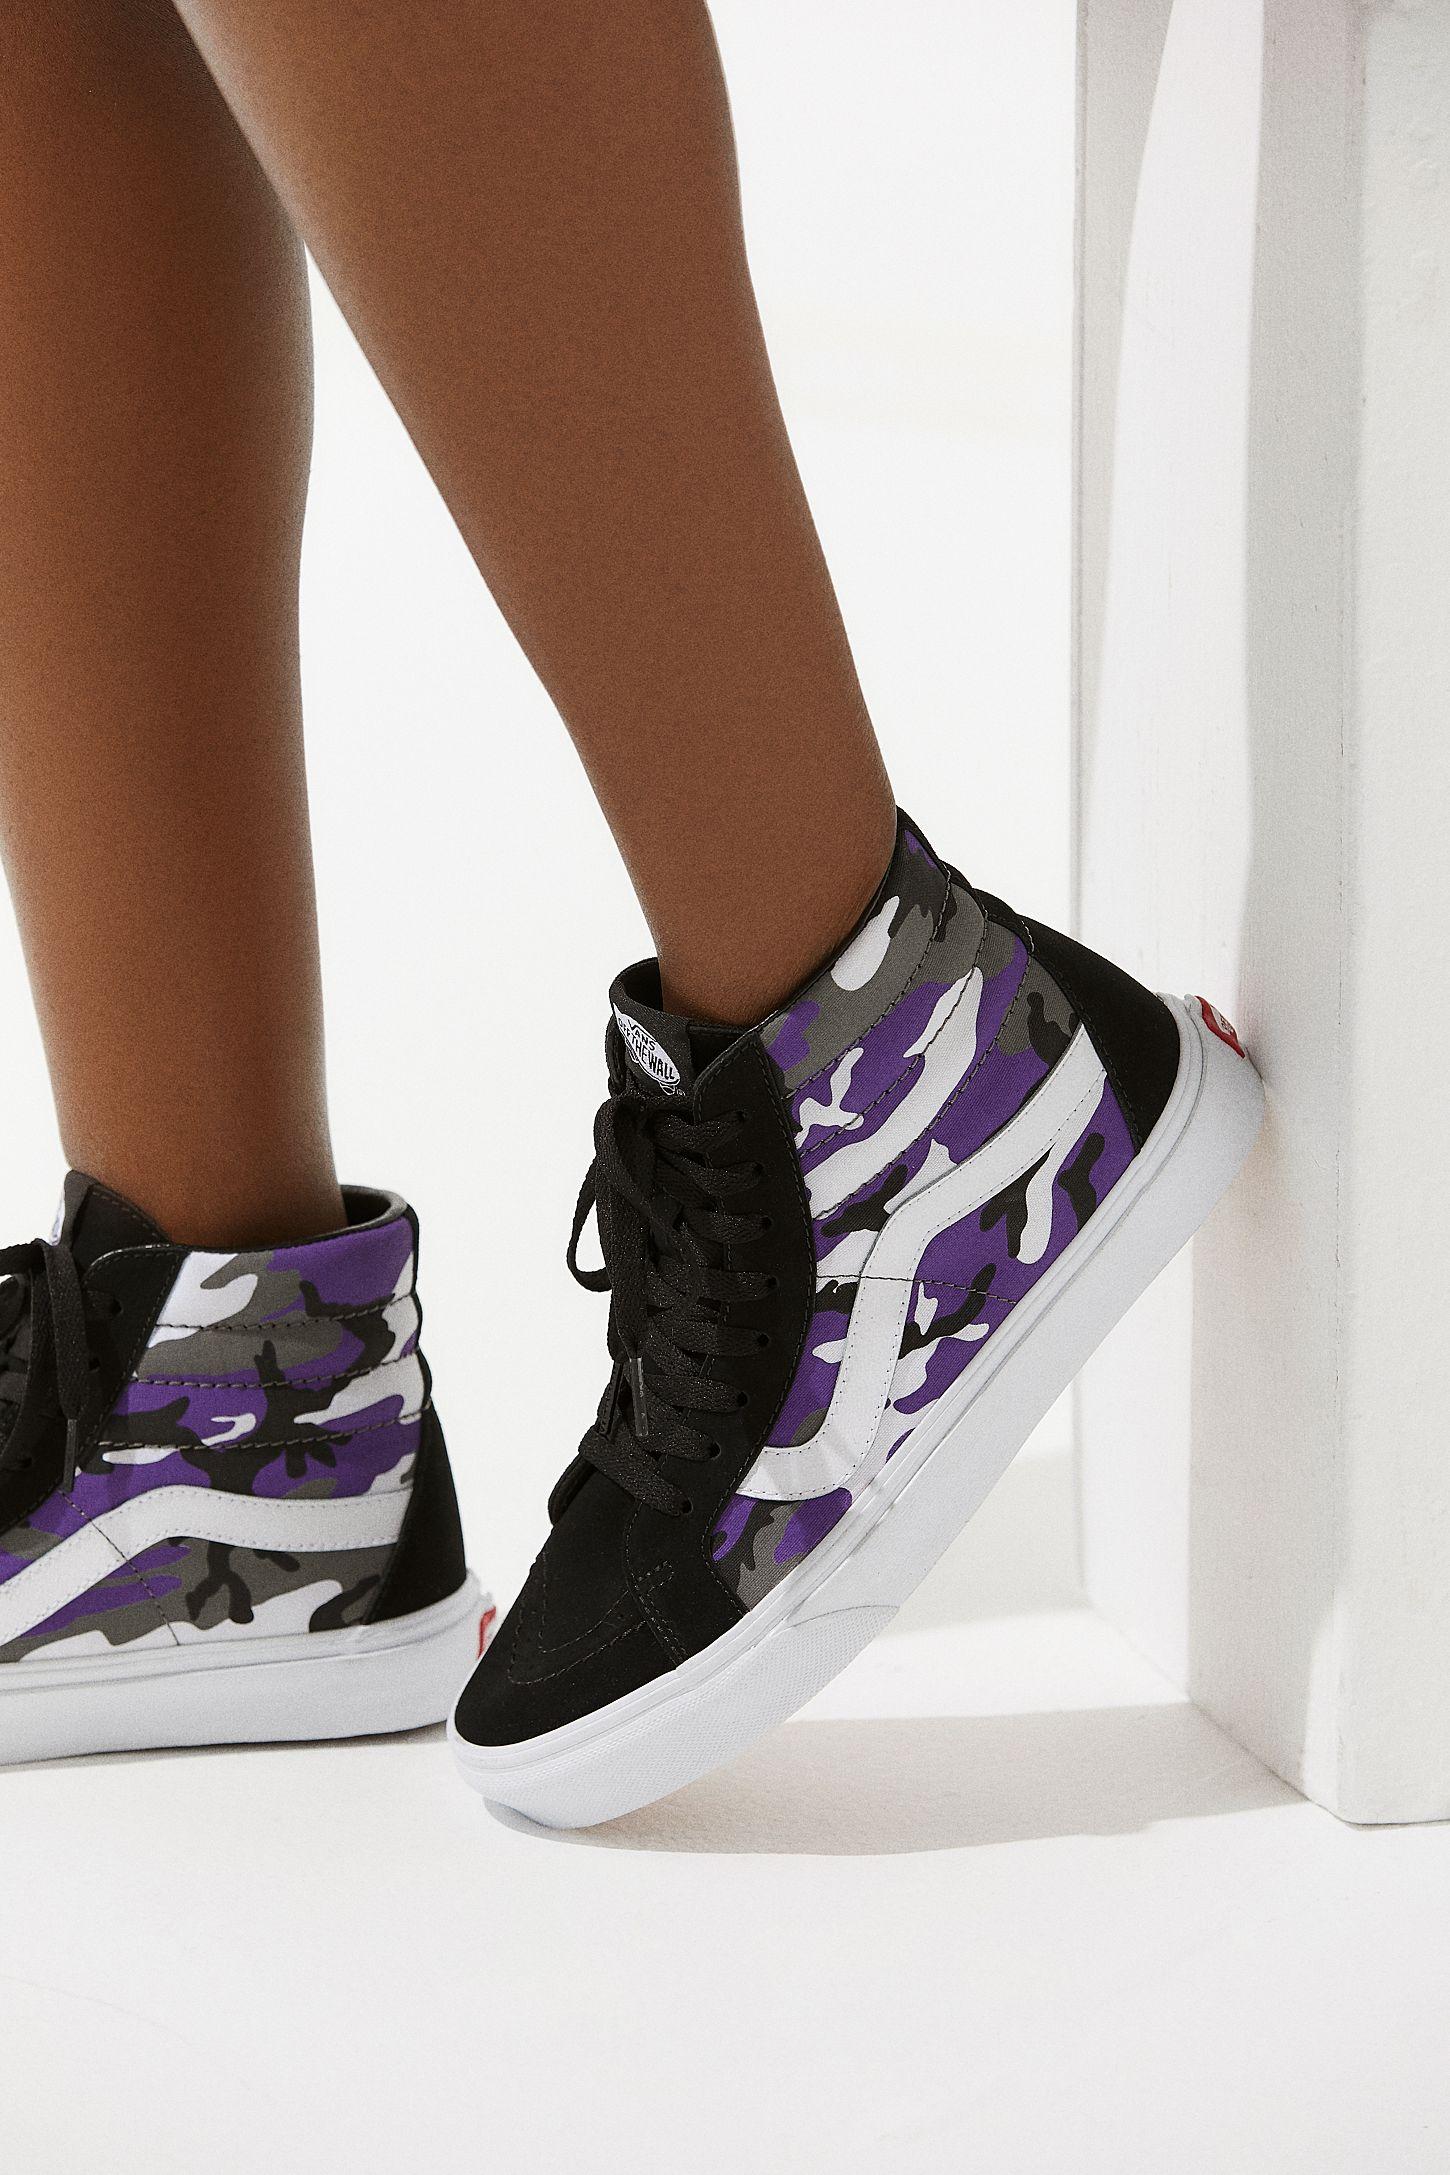 a28bebbe718fa Vans Sk8-Hi Pop Camo Sneaker